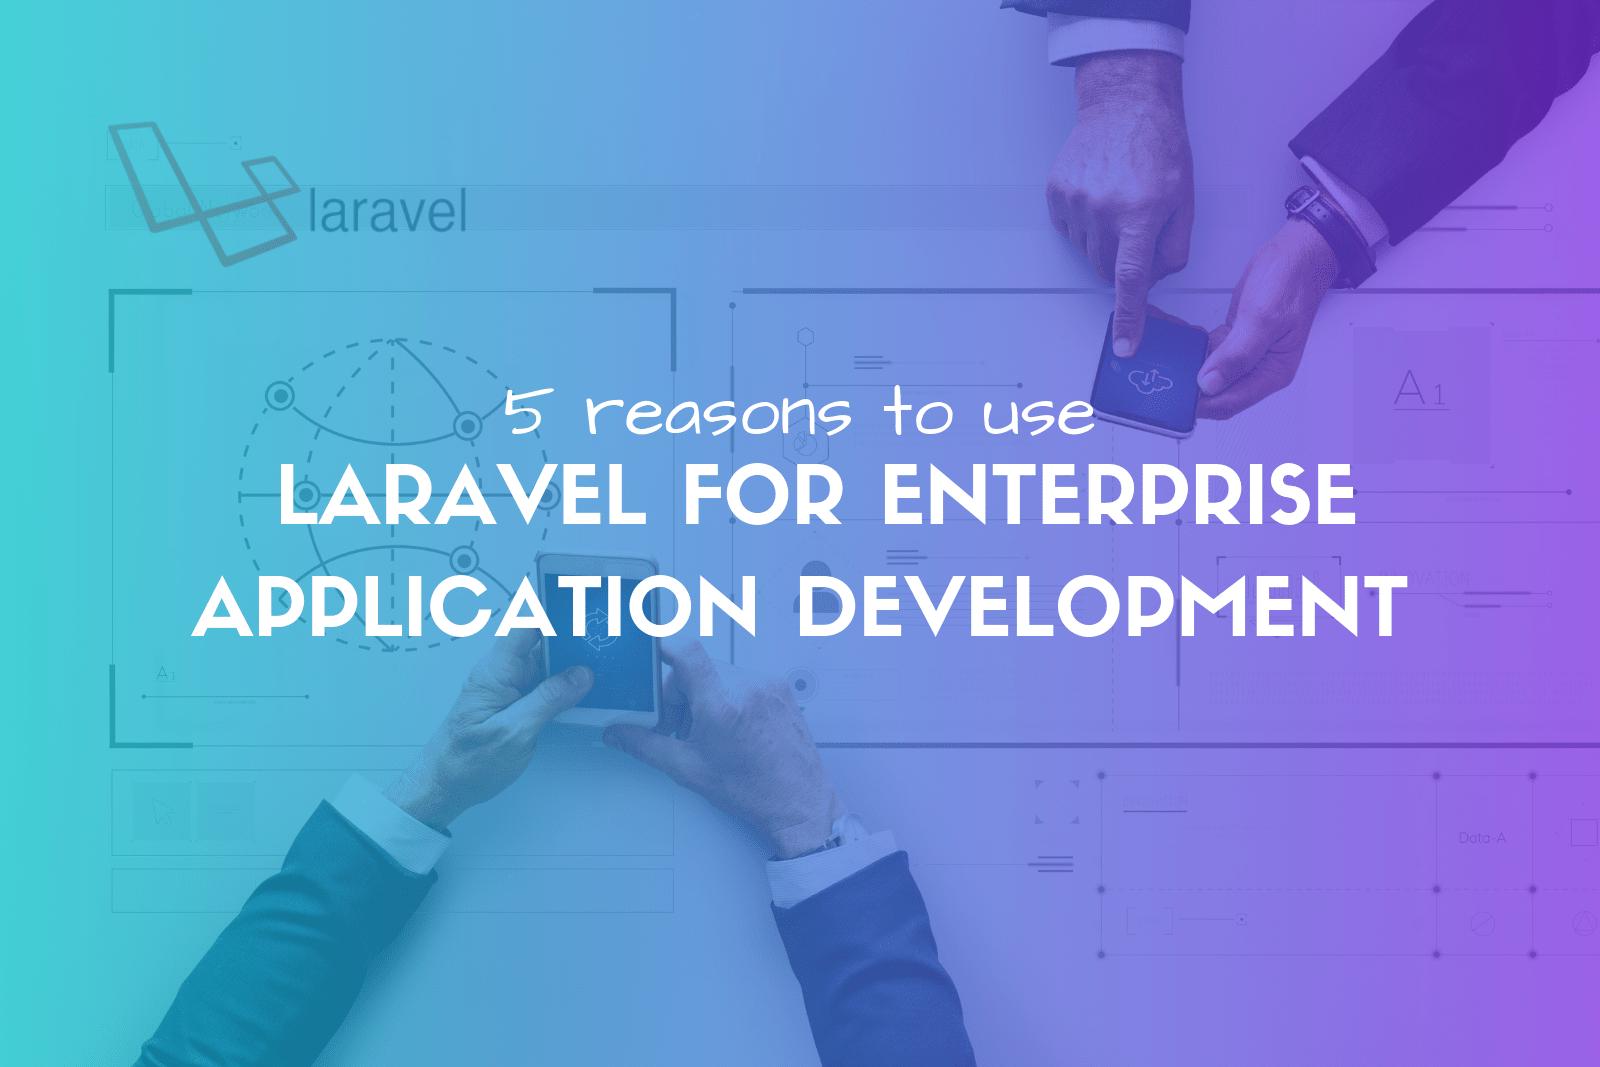 Why User Laravel for Enterprise Application Development